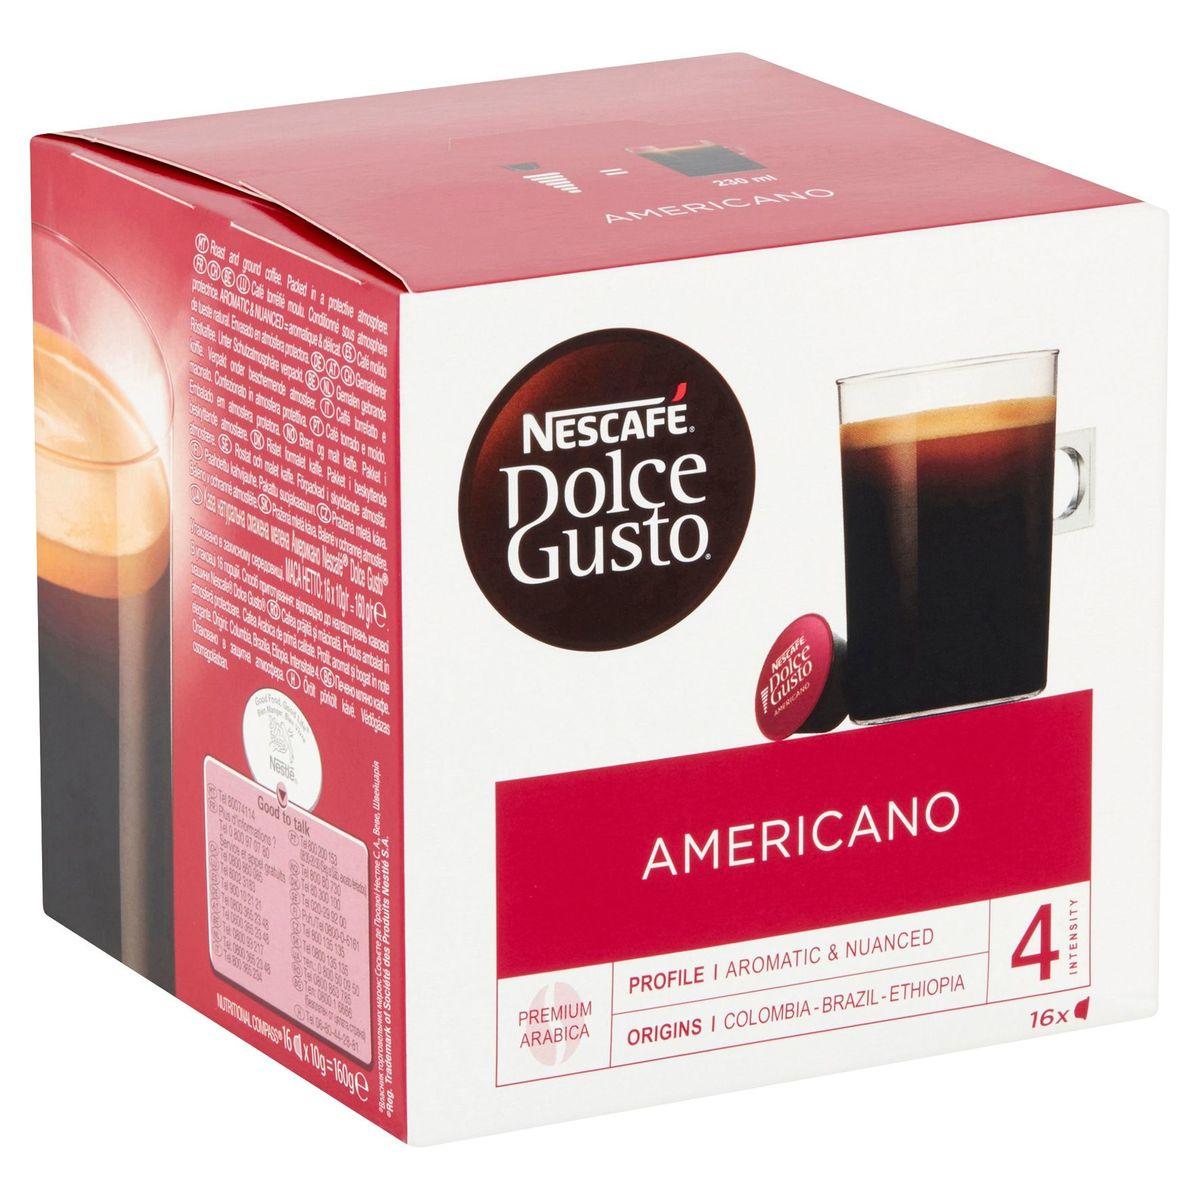 Nescafé Dolce Gusto Americano 128 g